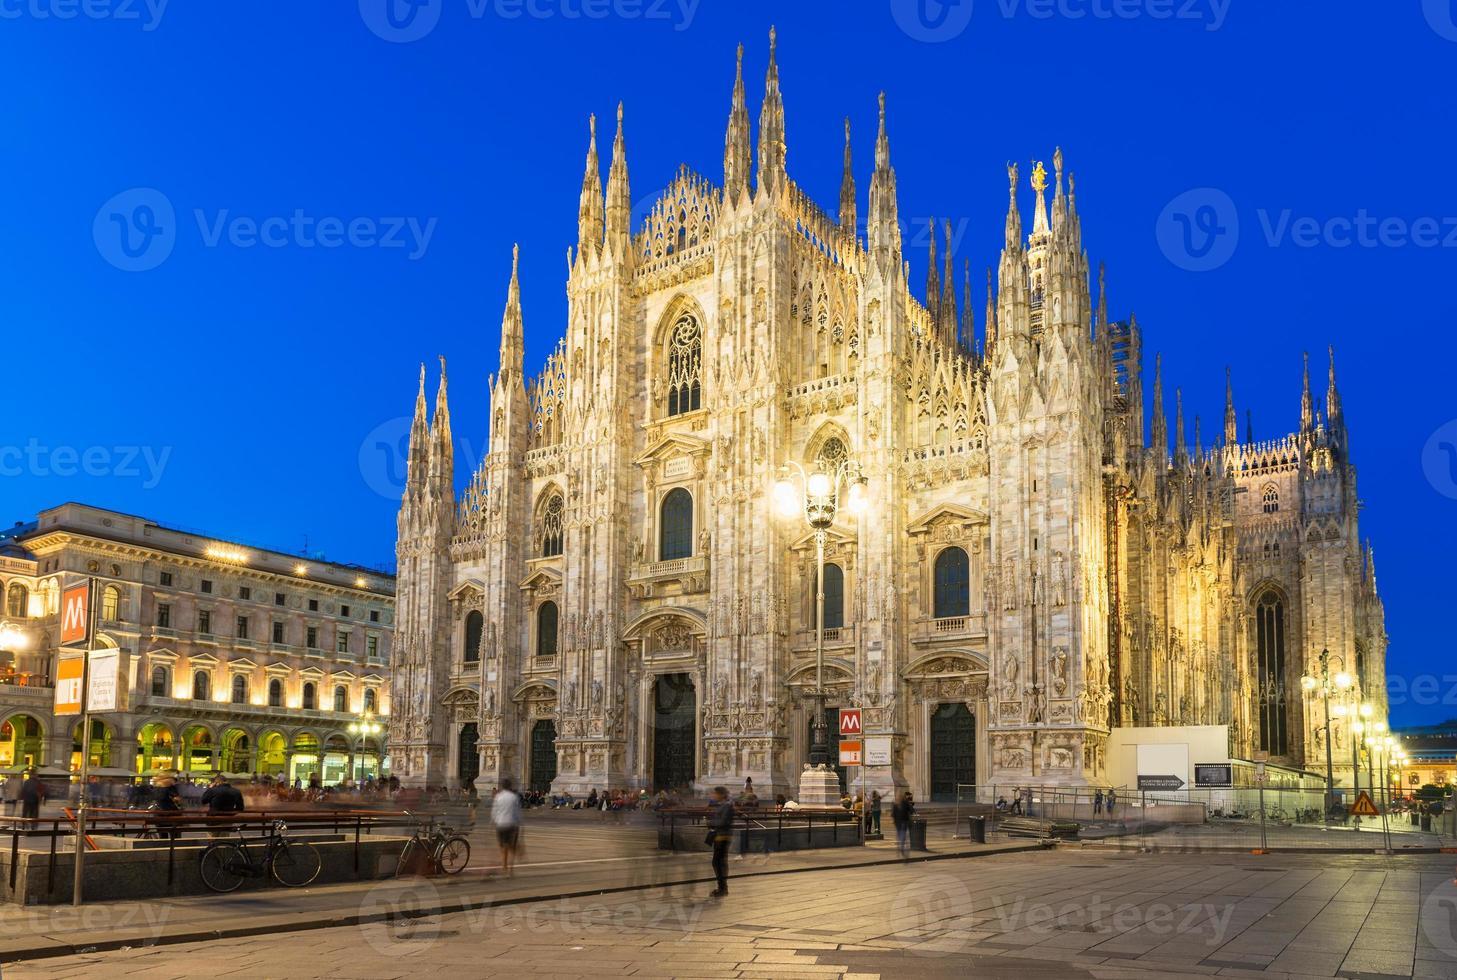 nacht uitzicht op de kathedraal van milaan (duomo di milano) in milaan foto